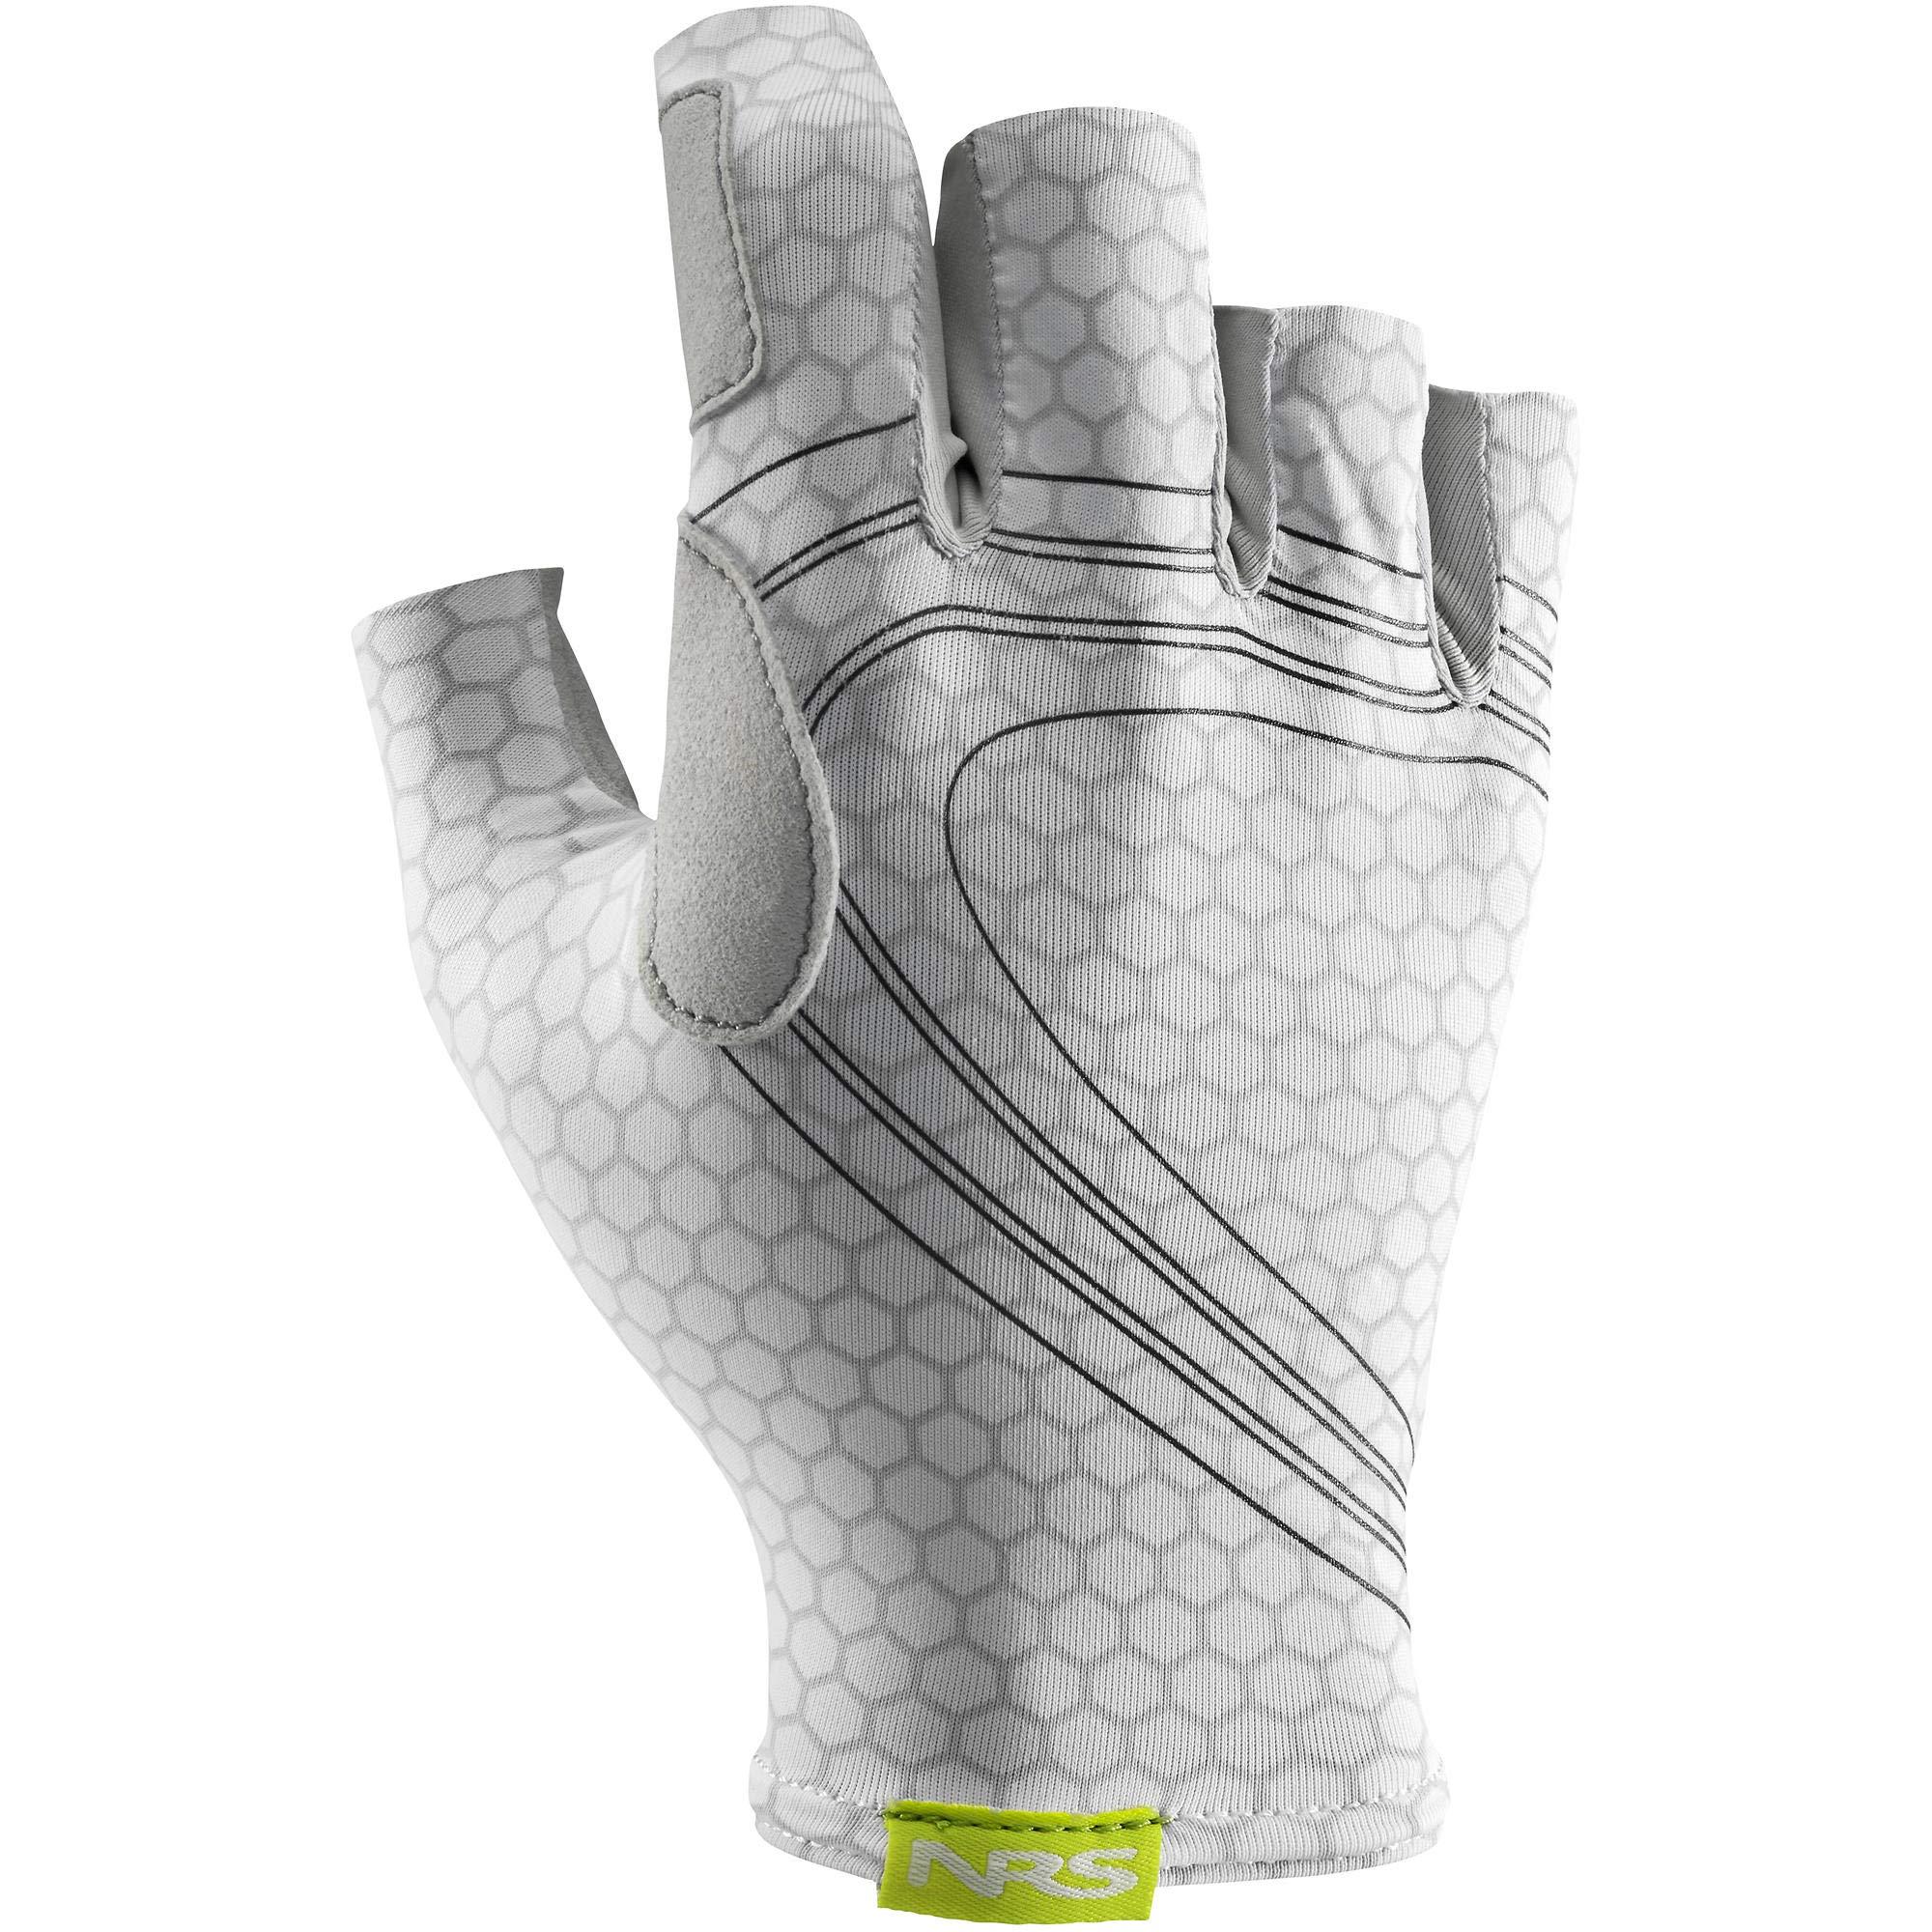 NRS Castaway Glove Grey Scale XXL by NRS